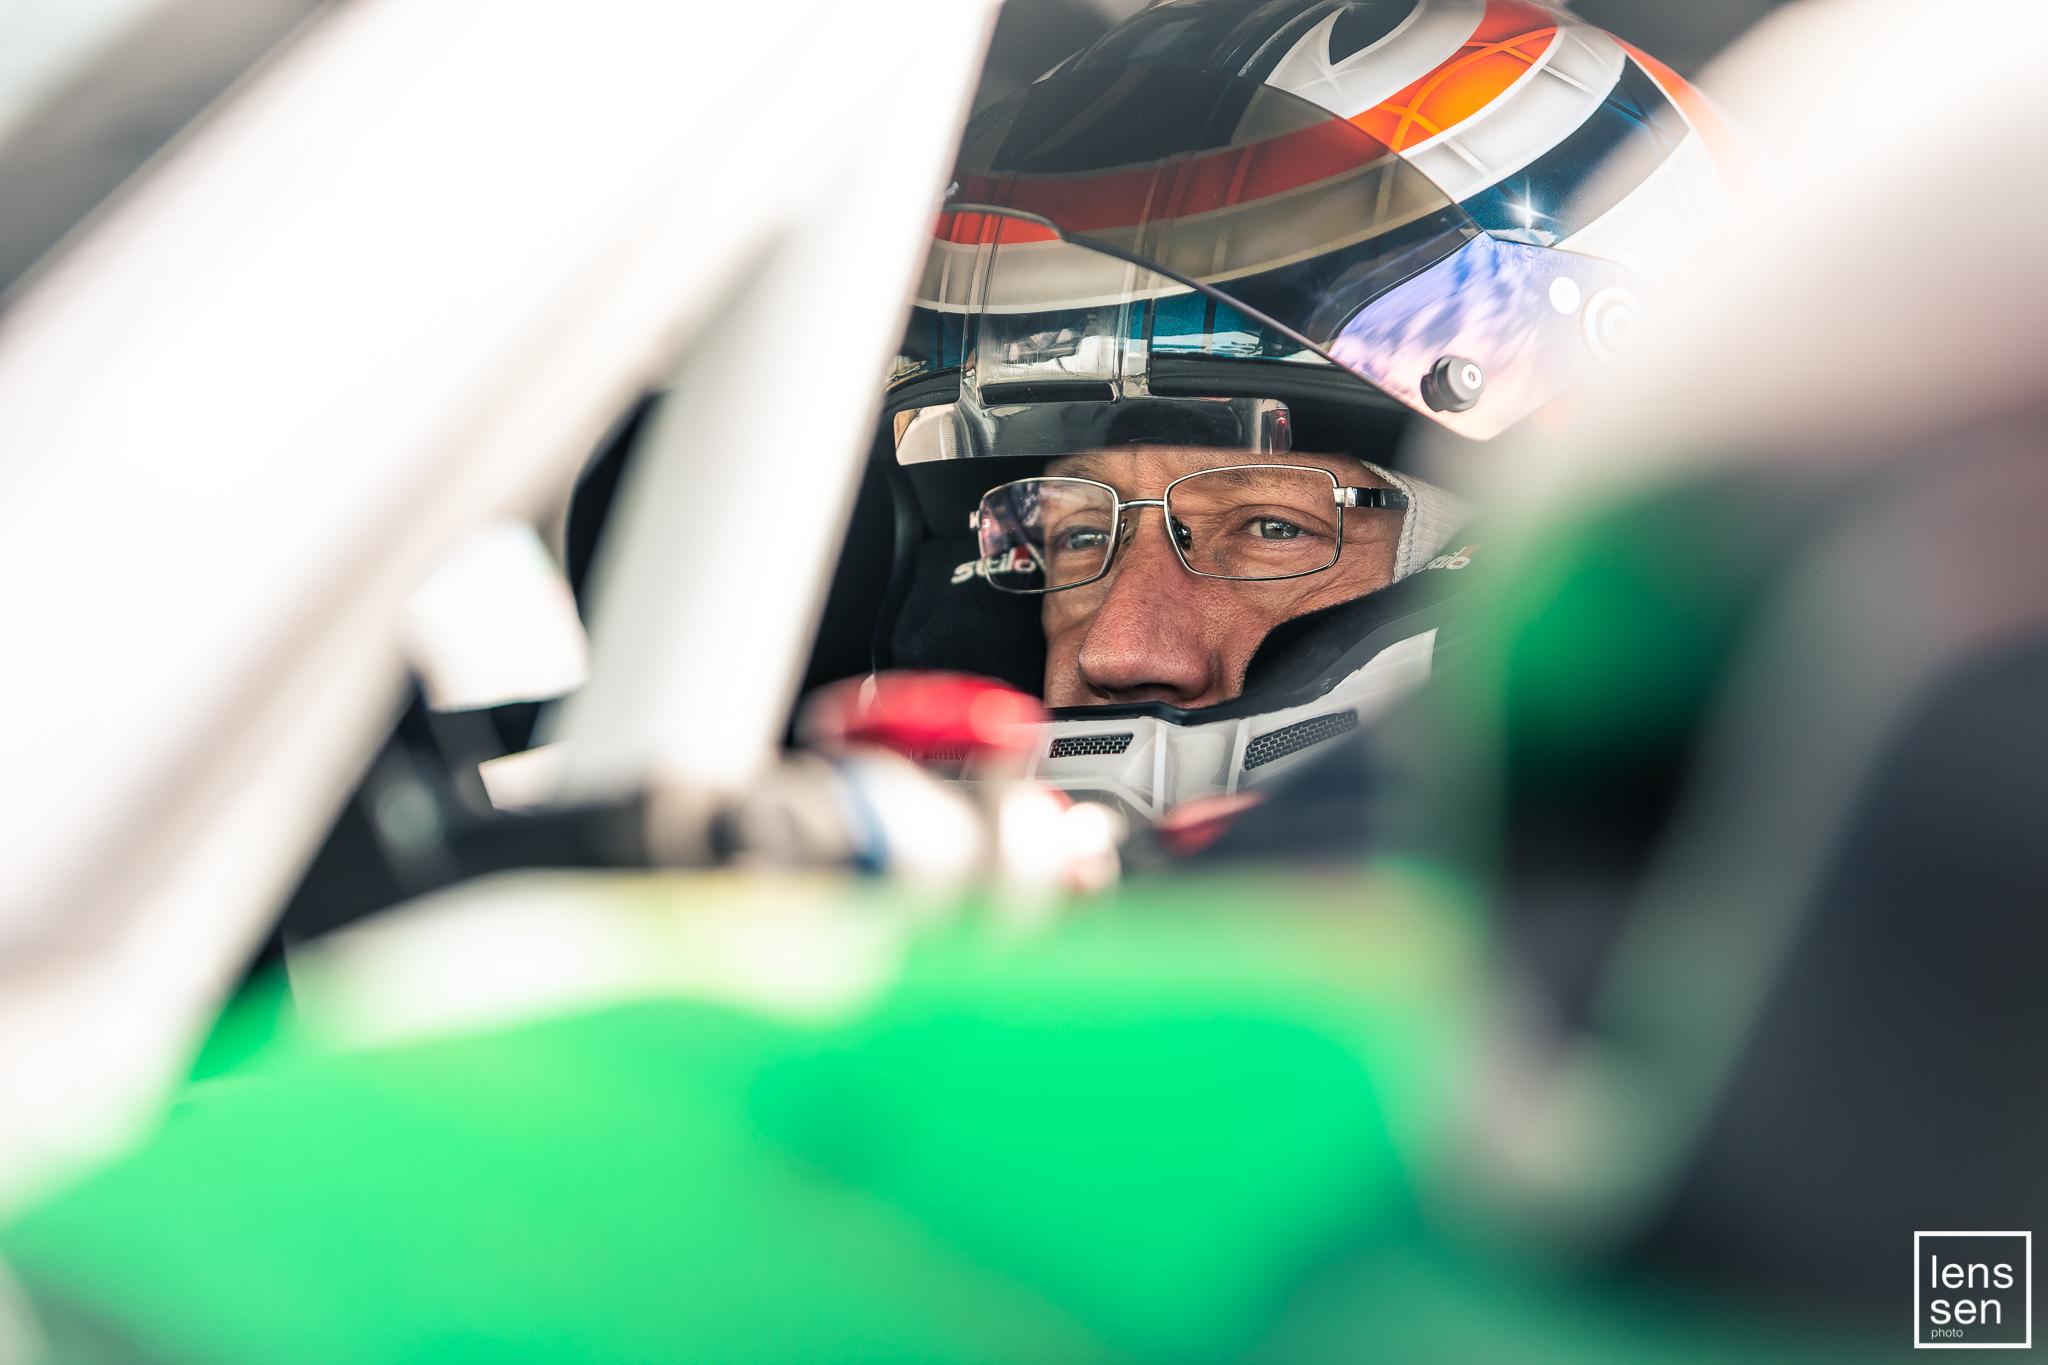 Porsche GT3 Cup Challenge Canada - 052019 - CTMP Mosport VDS 2019 - Lenssen Photo - 136 -8155.jpg